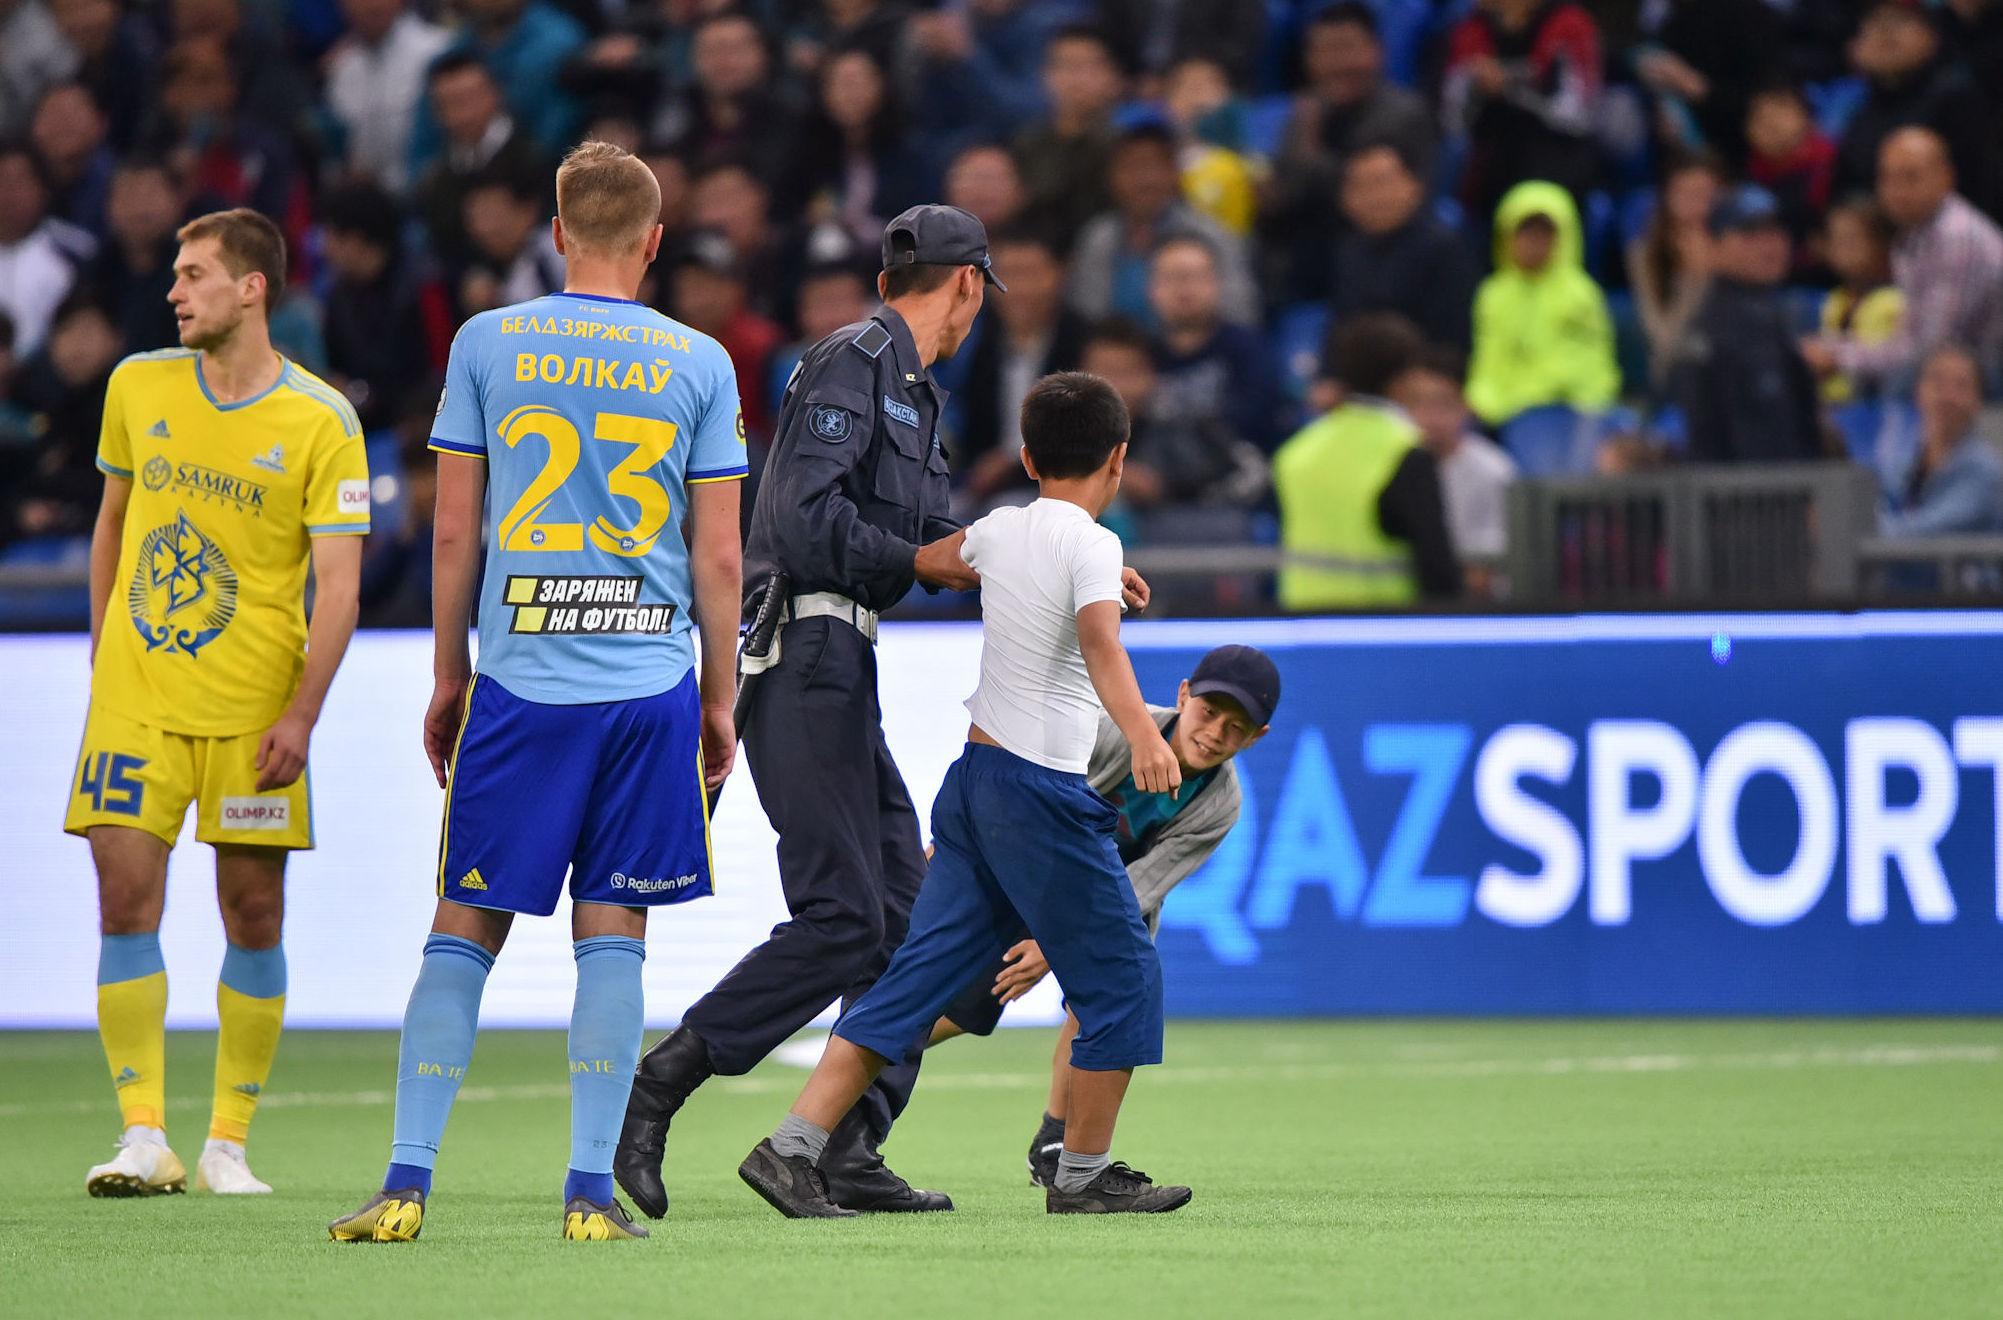 Два маленьких футбольных болельщика, засветившихся на поле – в эмоциях они выбежали на арену